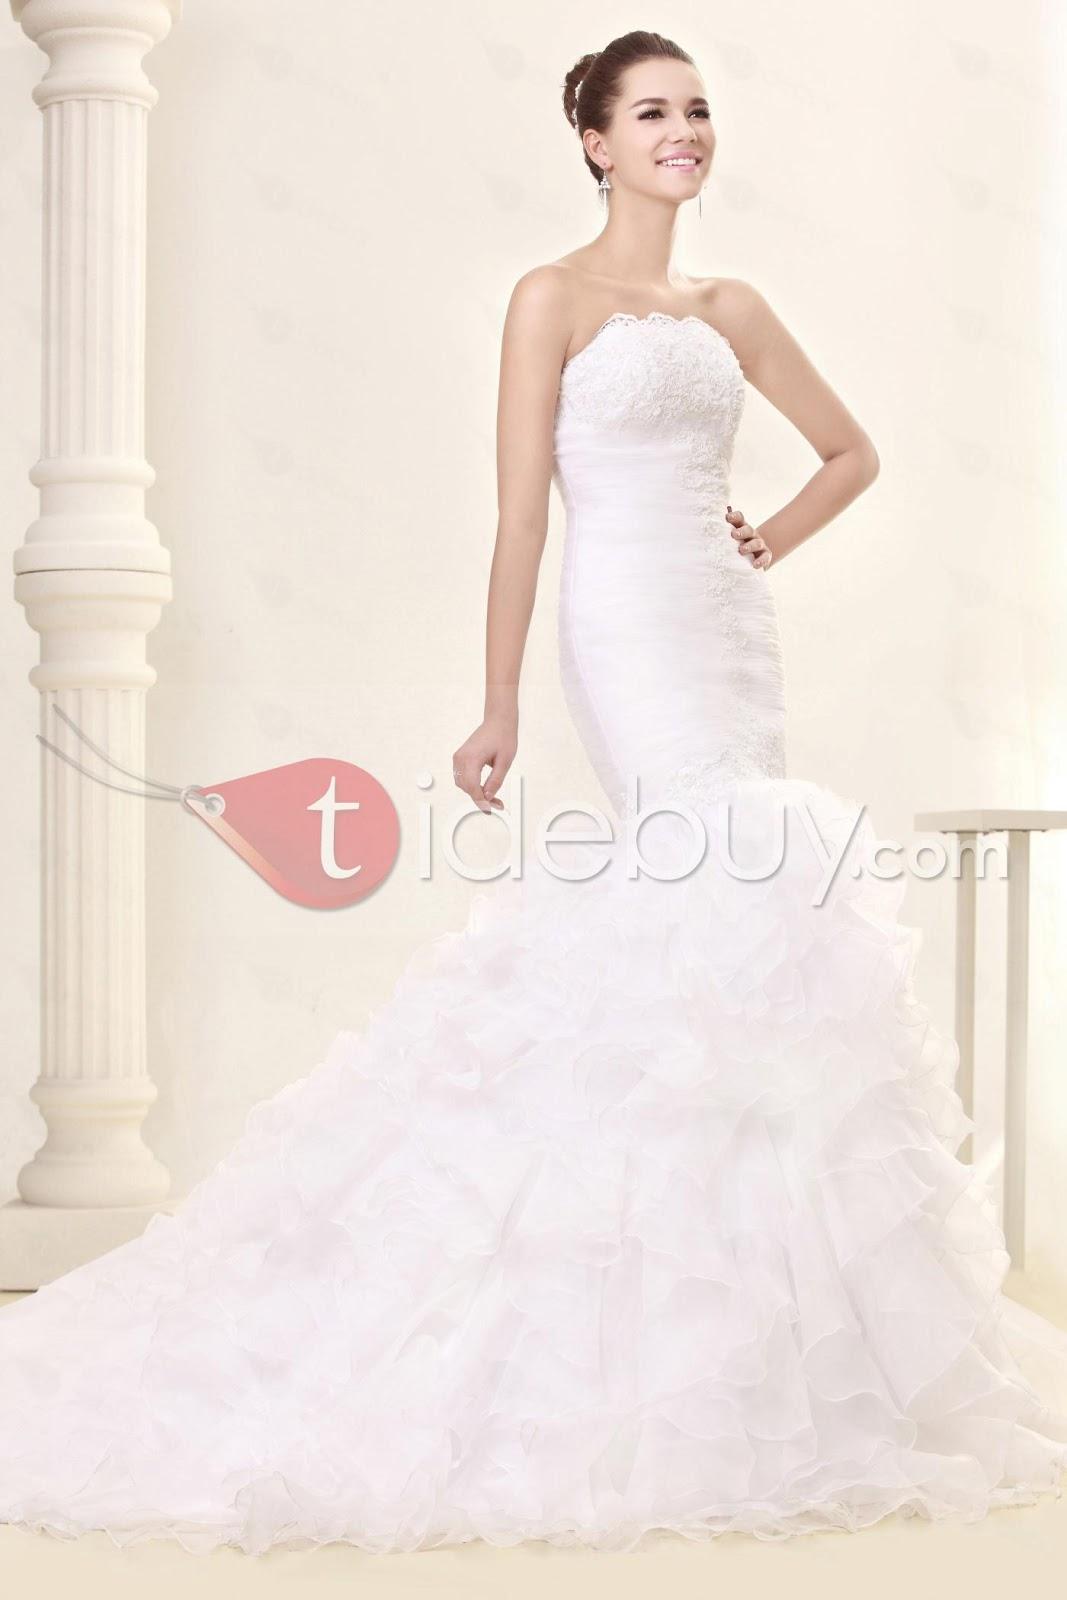 e8079bac1 Sean bienvenidos a elegir los vestidos de noche en nuestra página es.Tidebuy.com